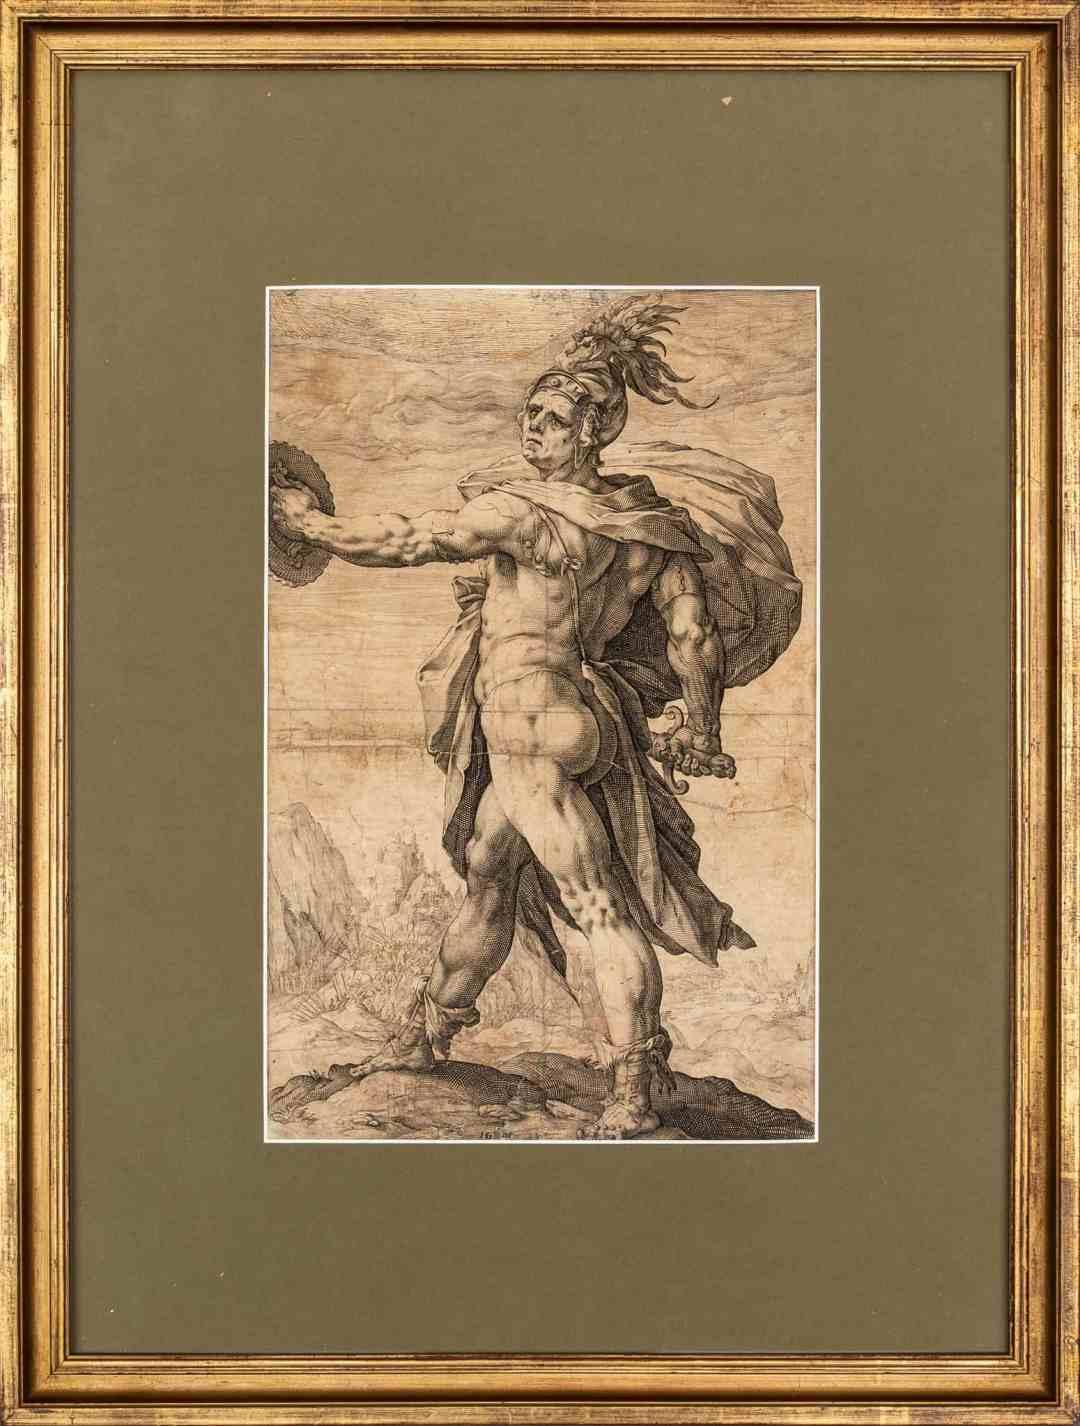 """Hendrick Goltzius (1558 - 1617) """"Calpurnius"""", 1586, engraving on paper 35,5 x 23 cm, signed with a monogram: HG fecit"""